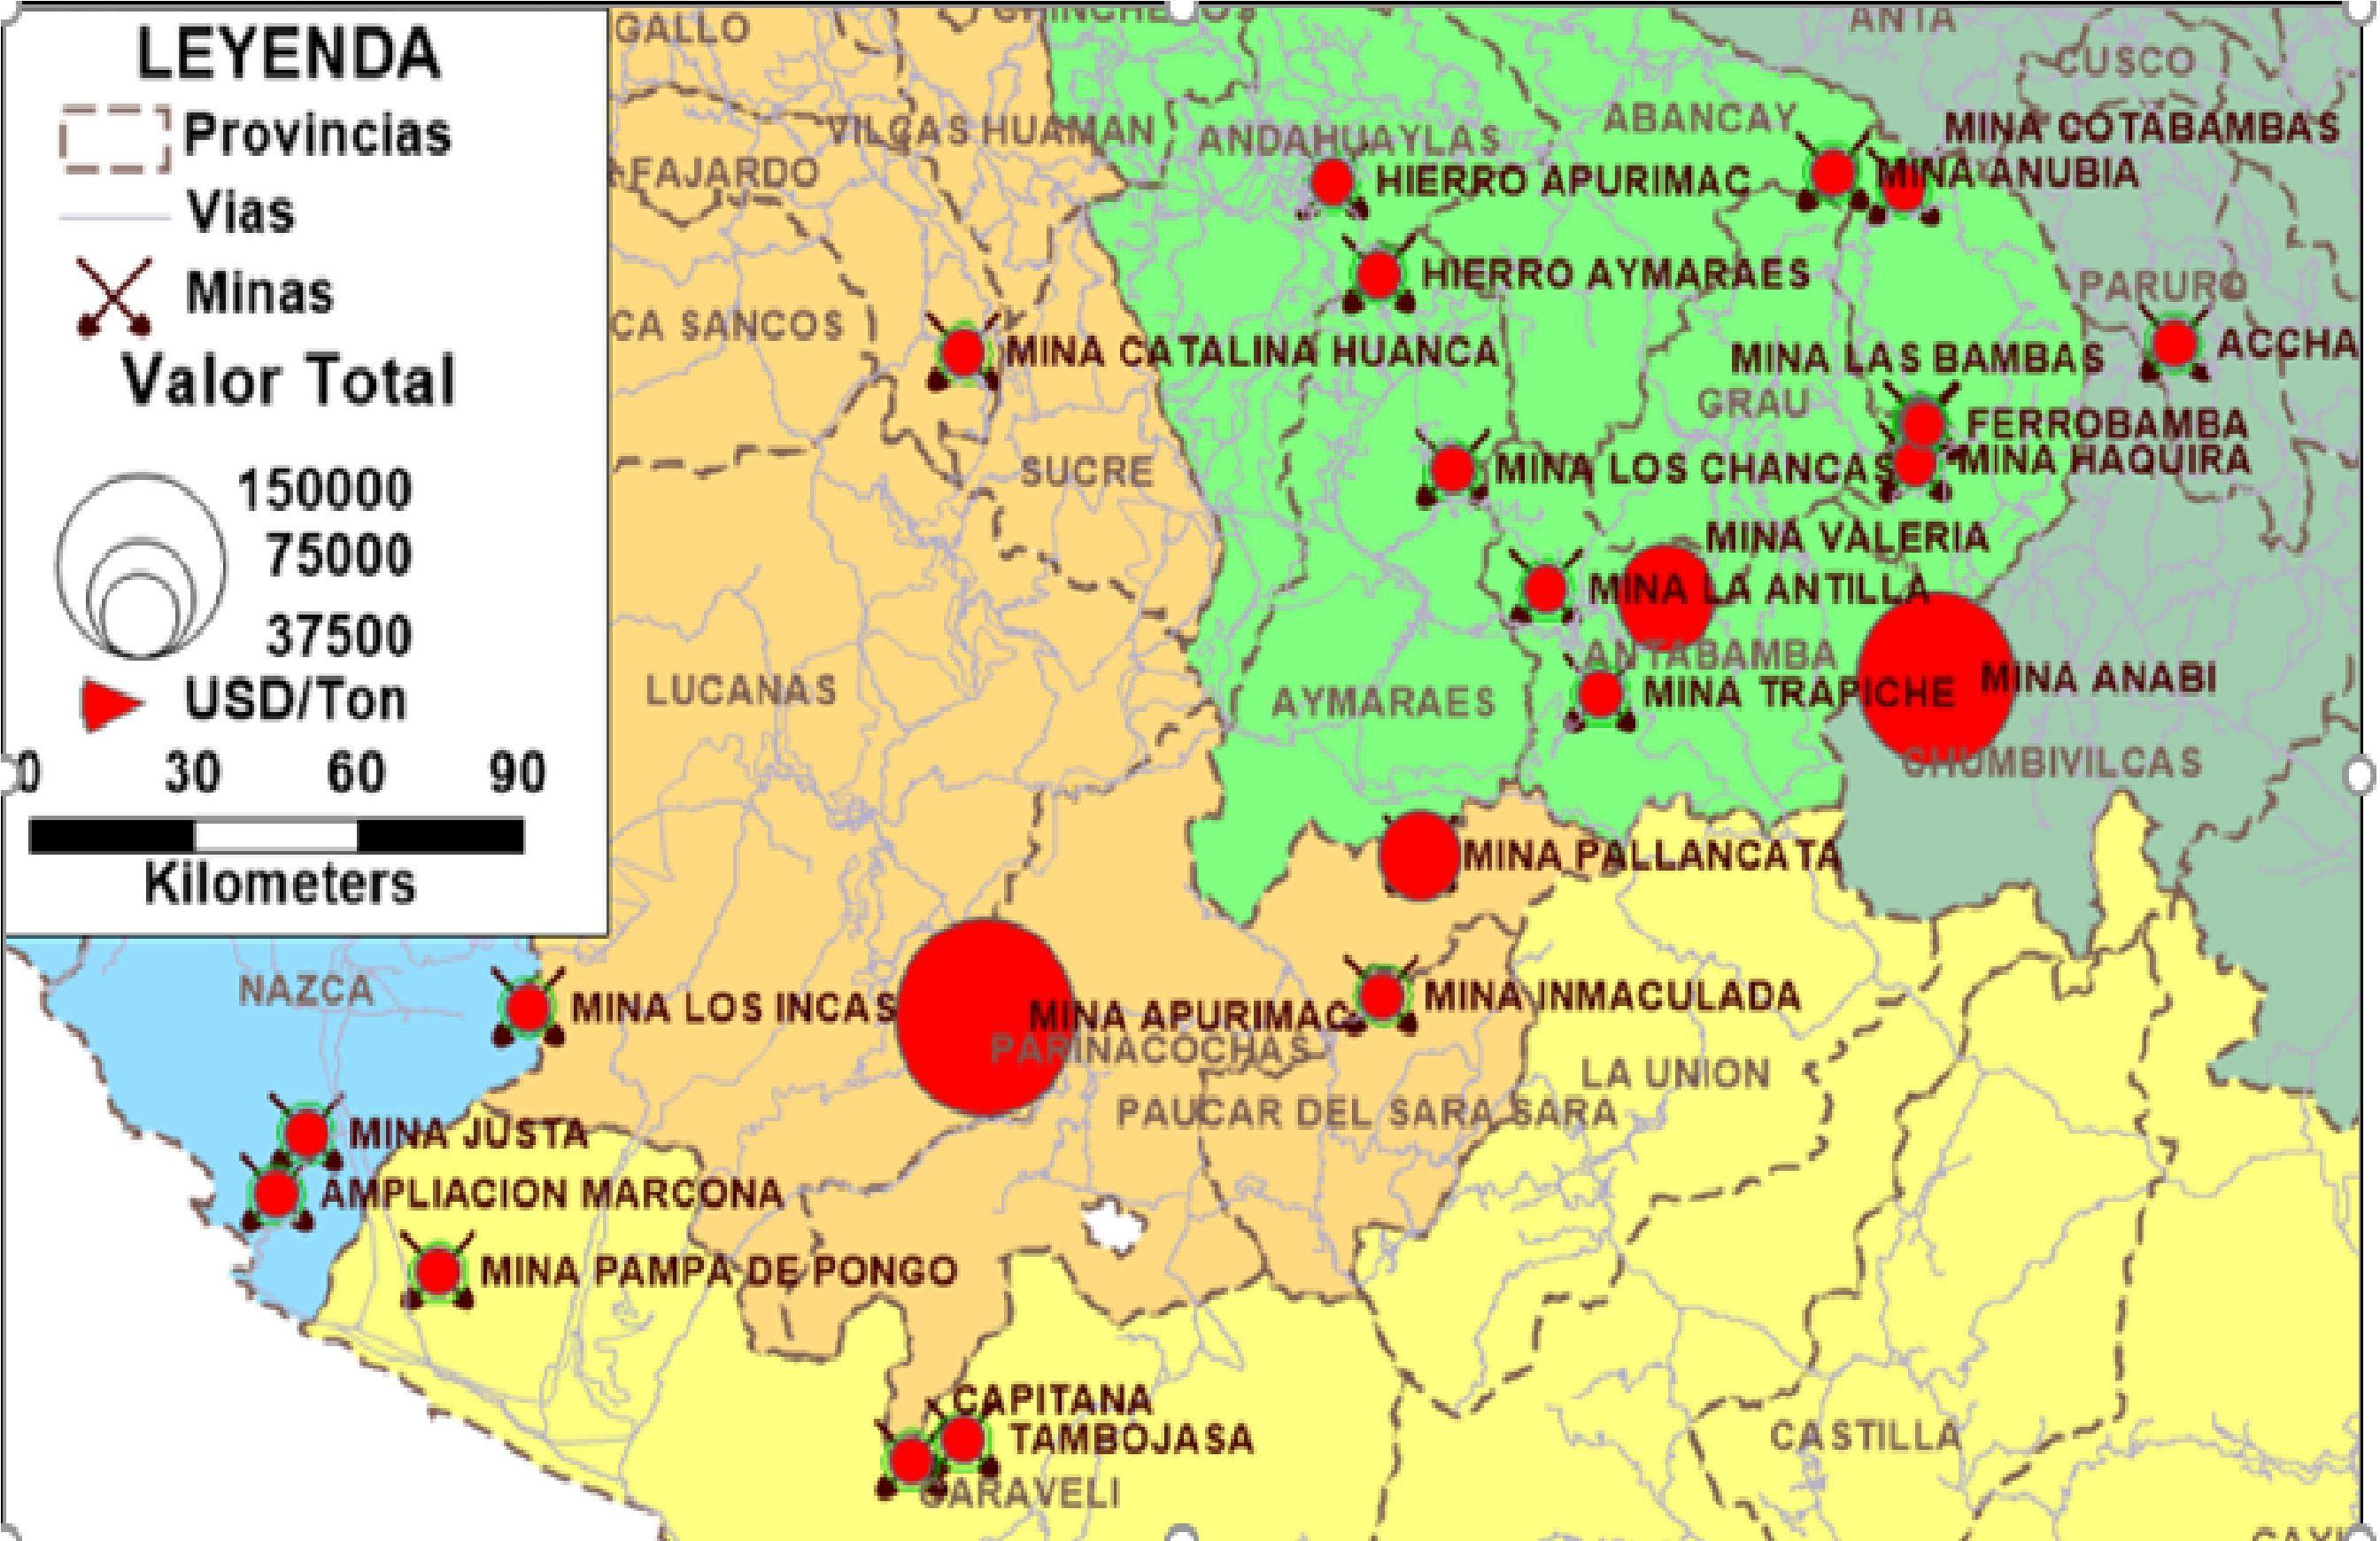 Minas y proyectos mineros en la ruta del ferrocarril San Juan de Marcona-Andahuaylas.